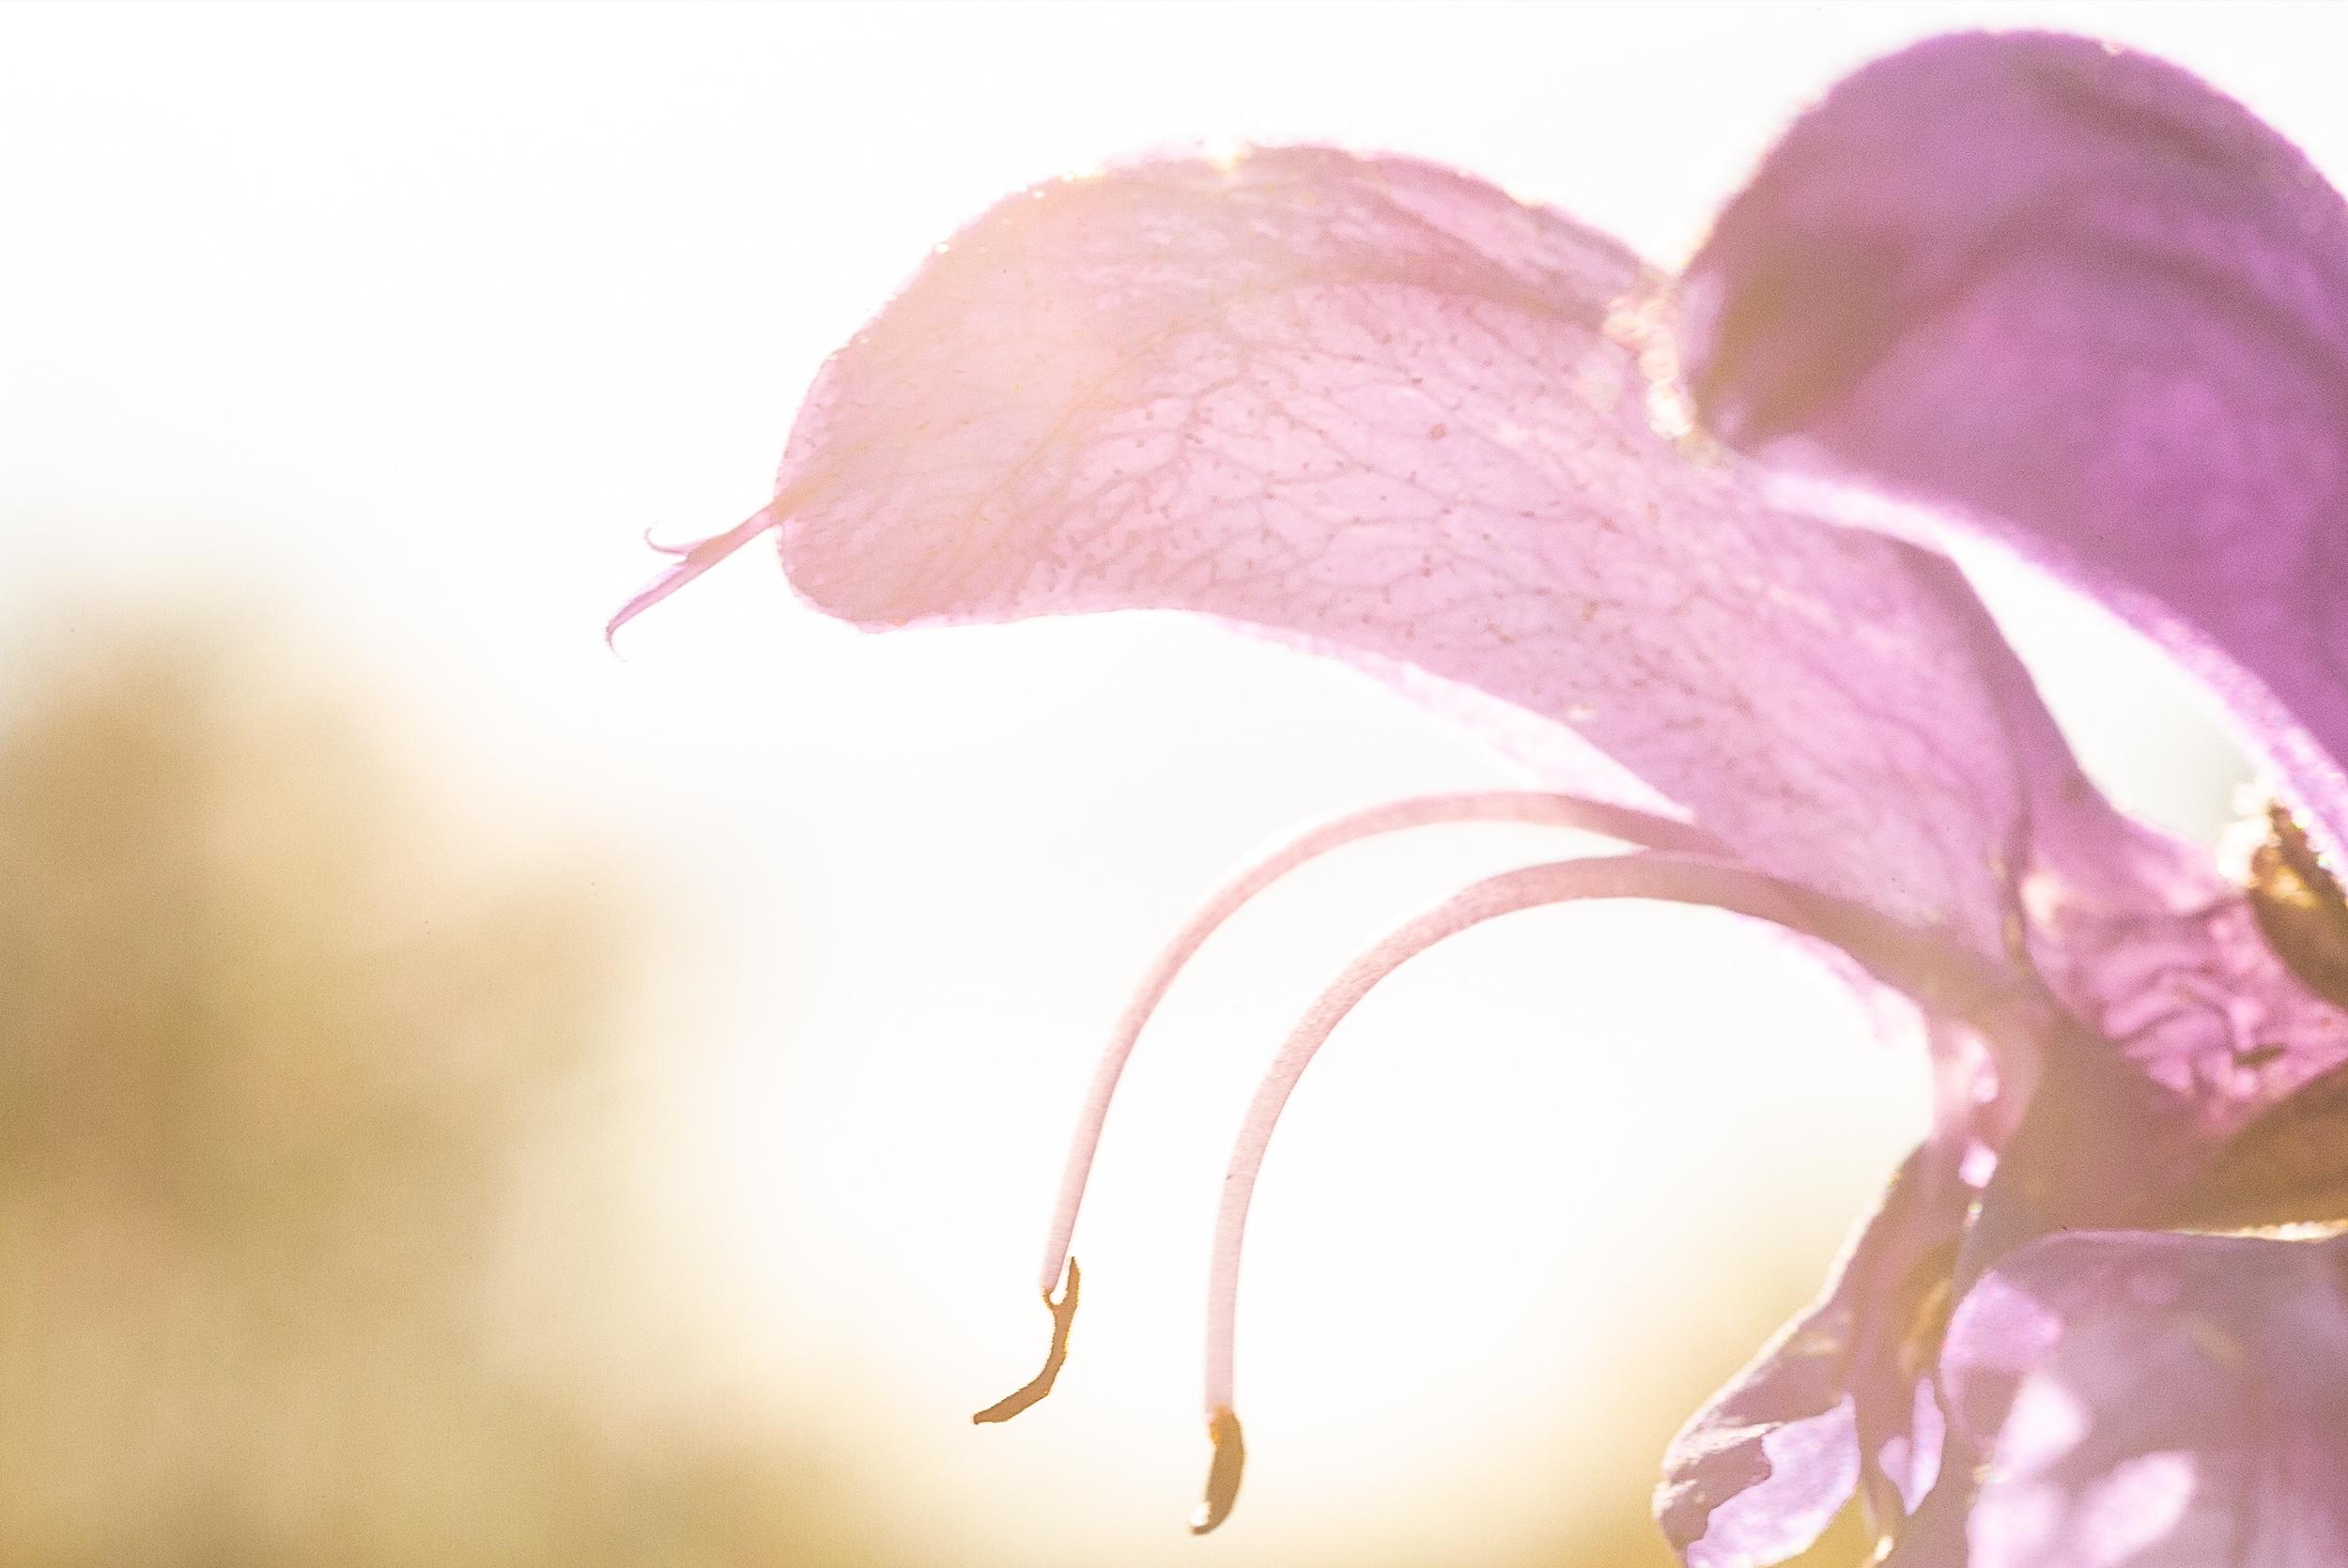 Detailaufnahme einer Orchidee und deren Blütenstempel im Gegenlicht. Aufgenommen mit dem Canon MP-E 65mm Objektiv.